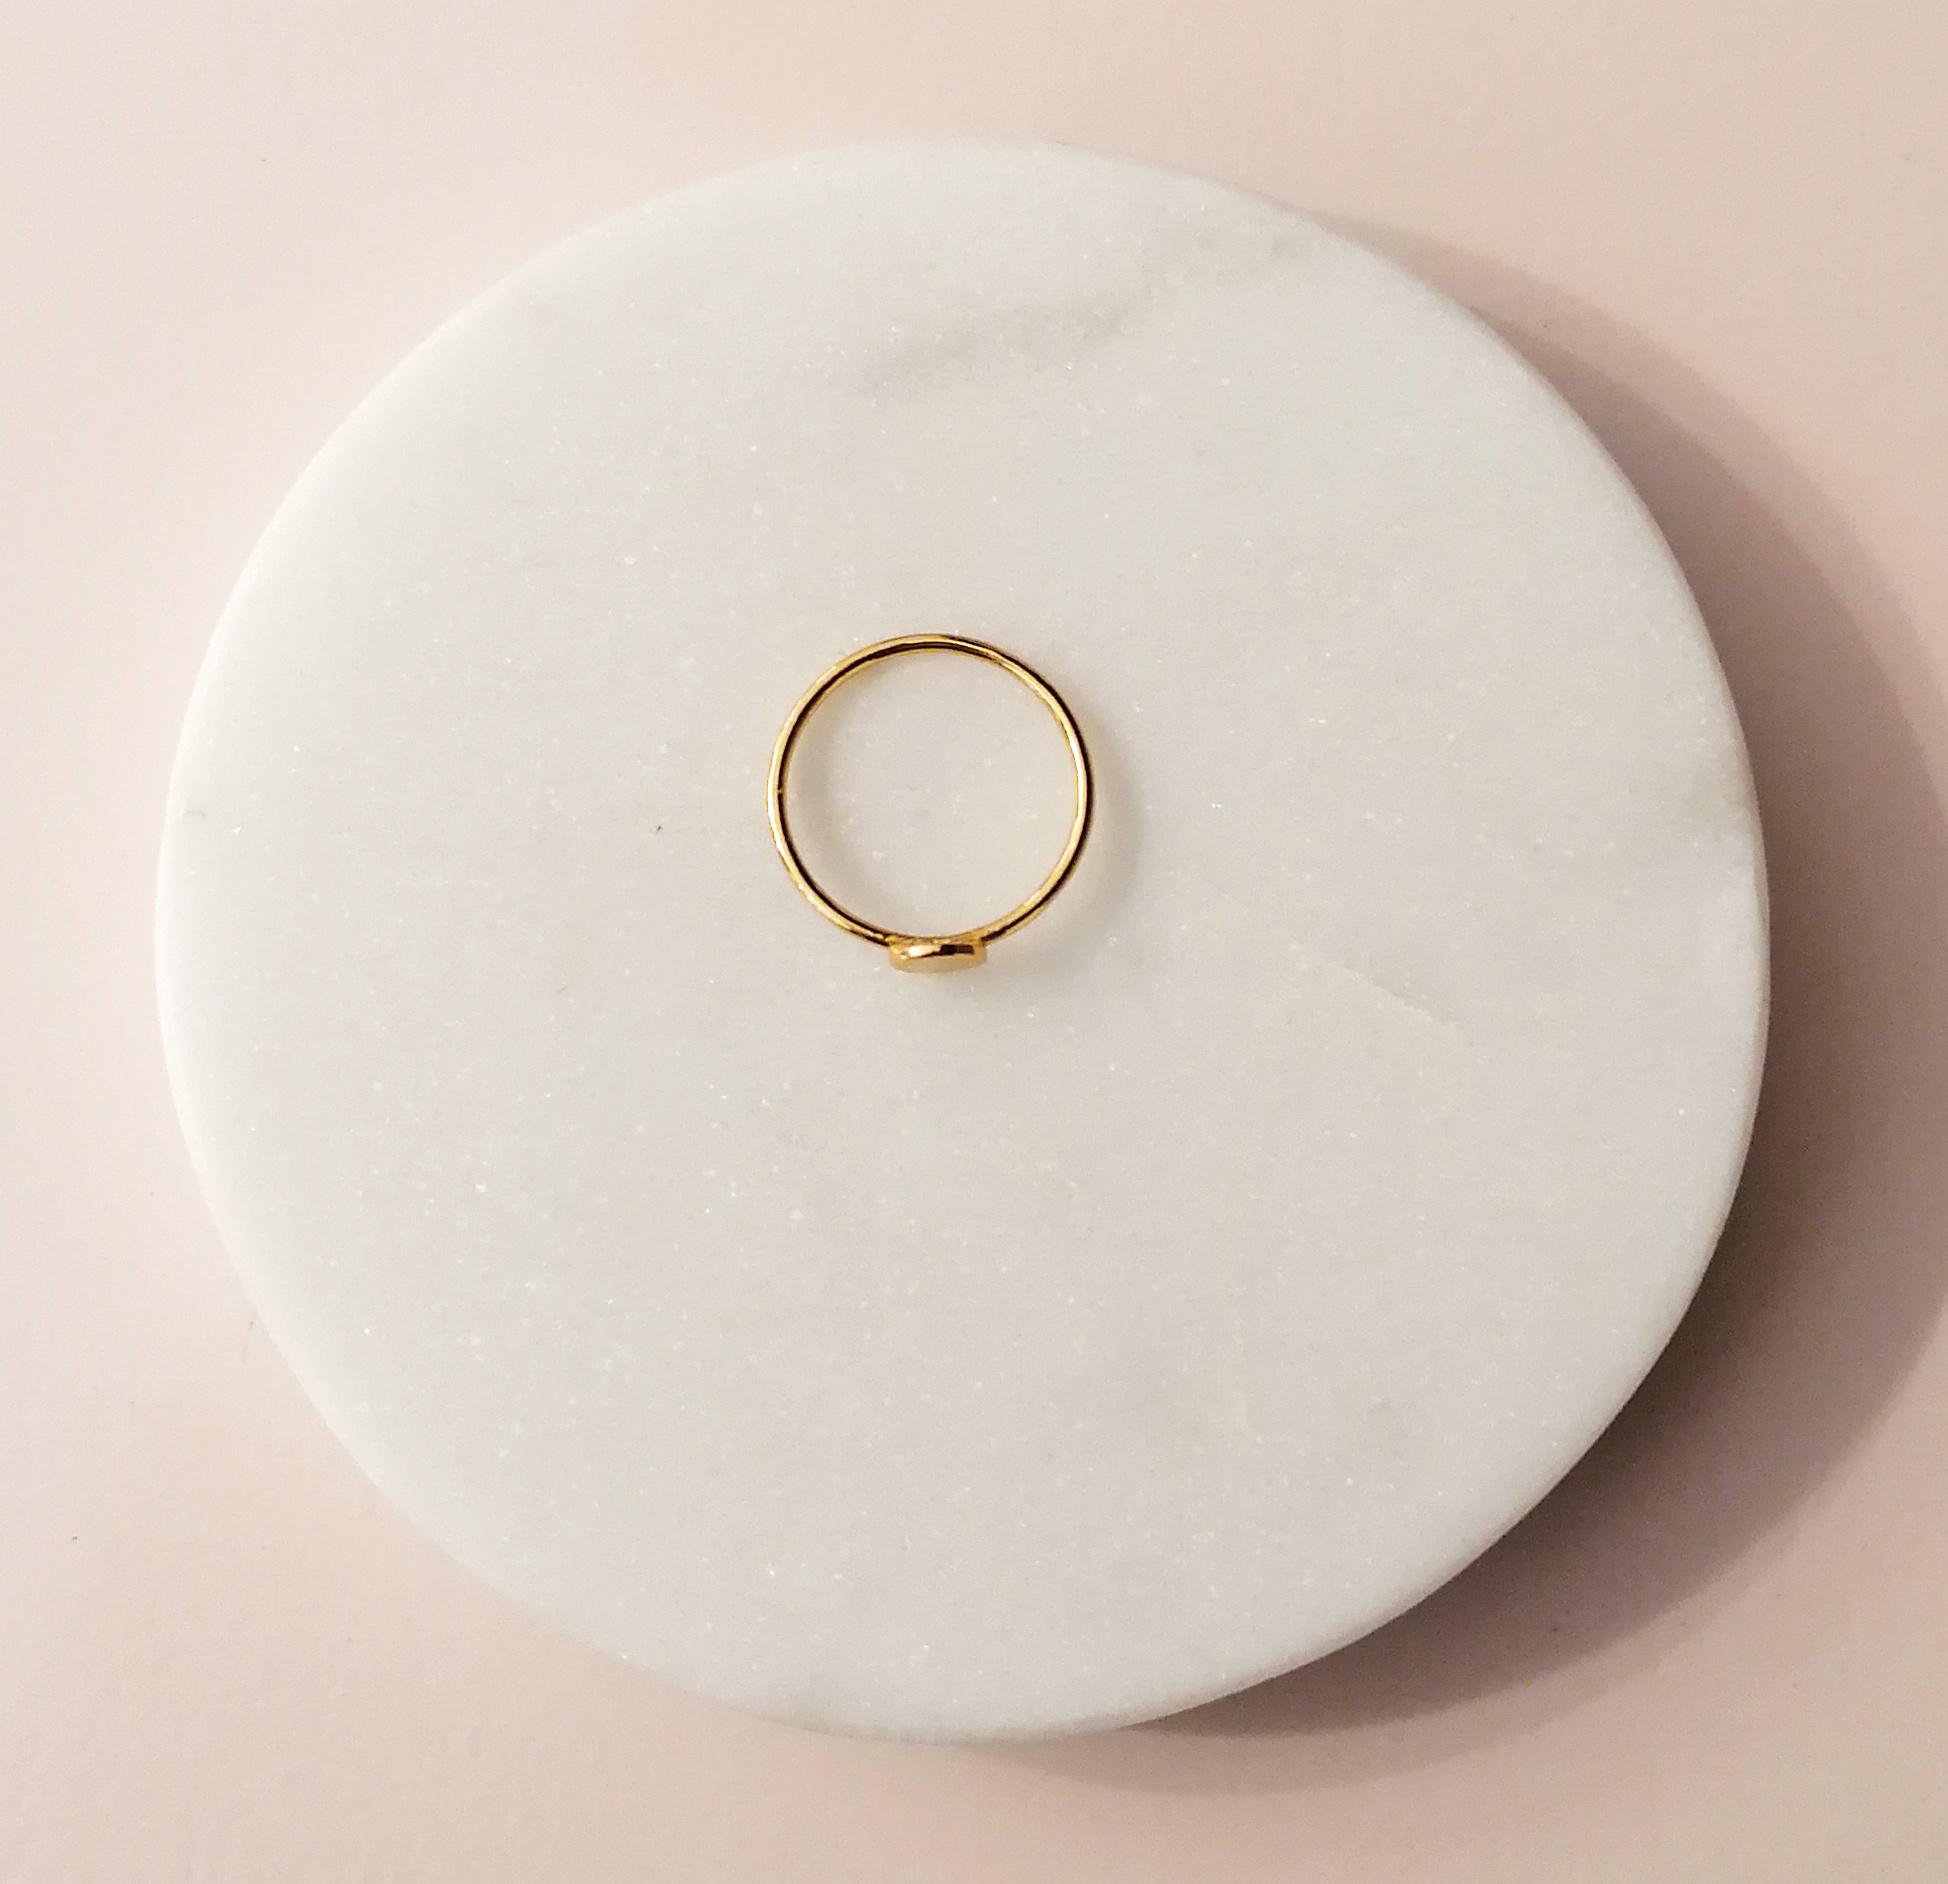 Feiner Ring mit Scheibe aus 925er Sterling Silber - Gold-3